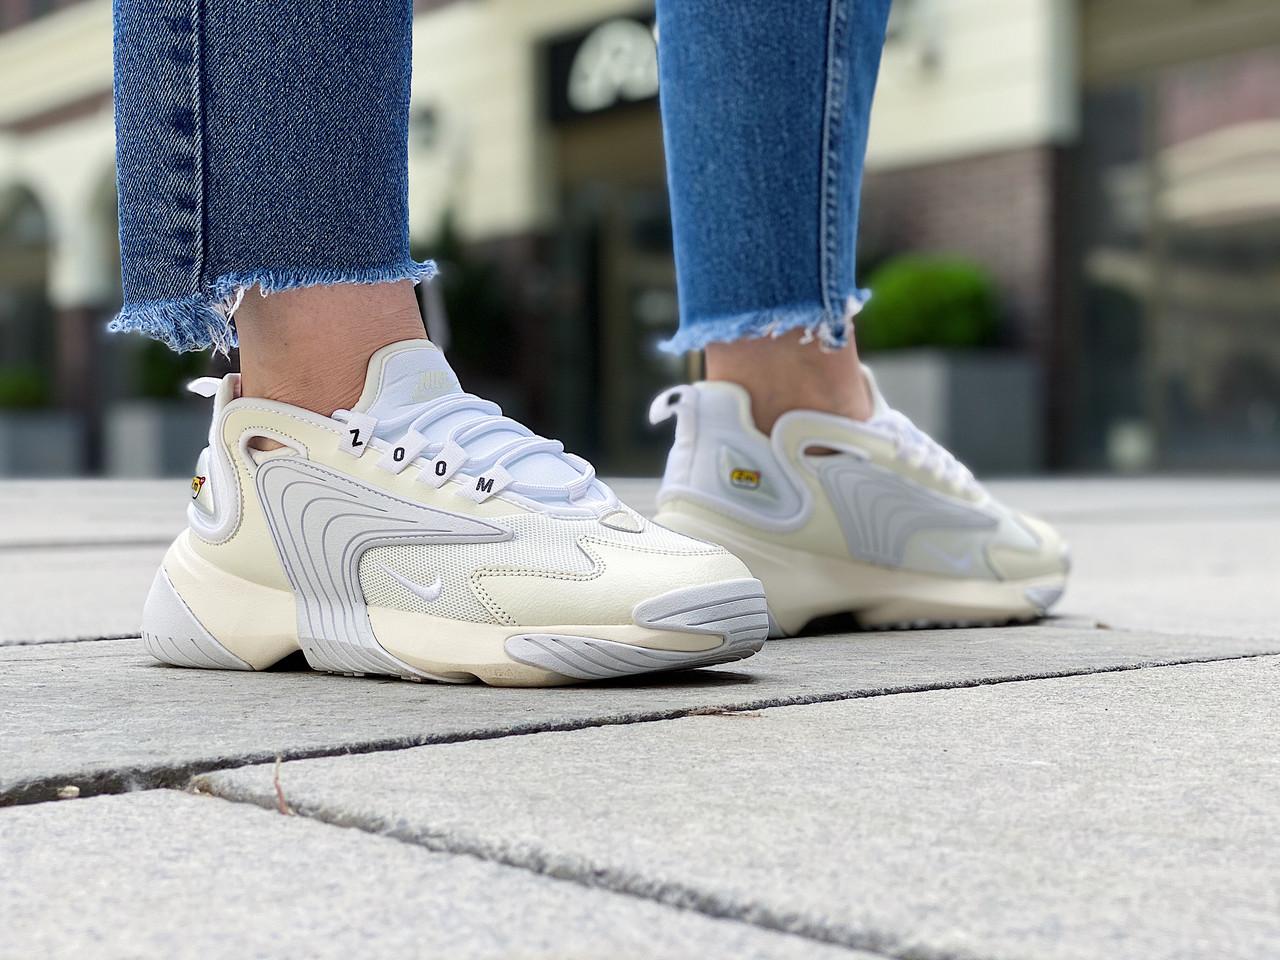 Кроссовки женские Nike Zoom 2K / AO0269-100 (Размеры:35,38)